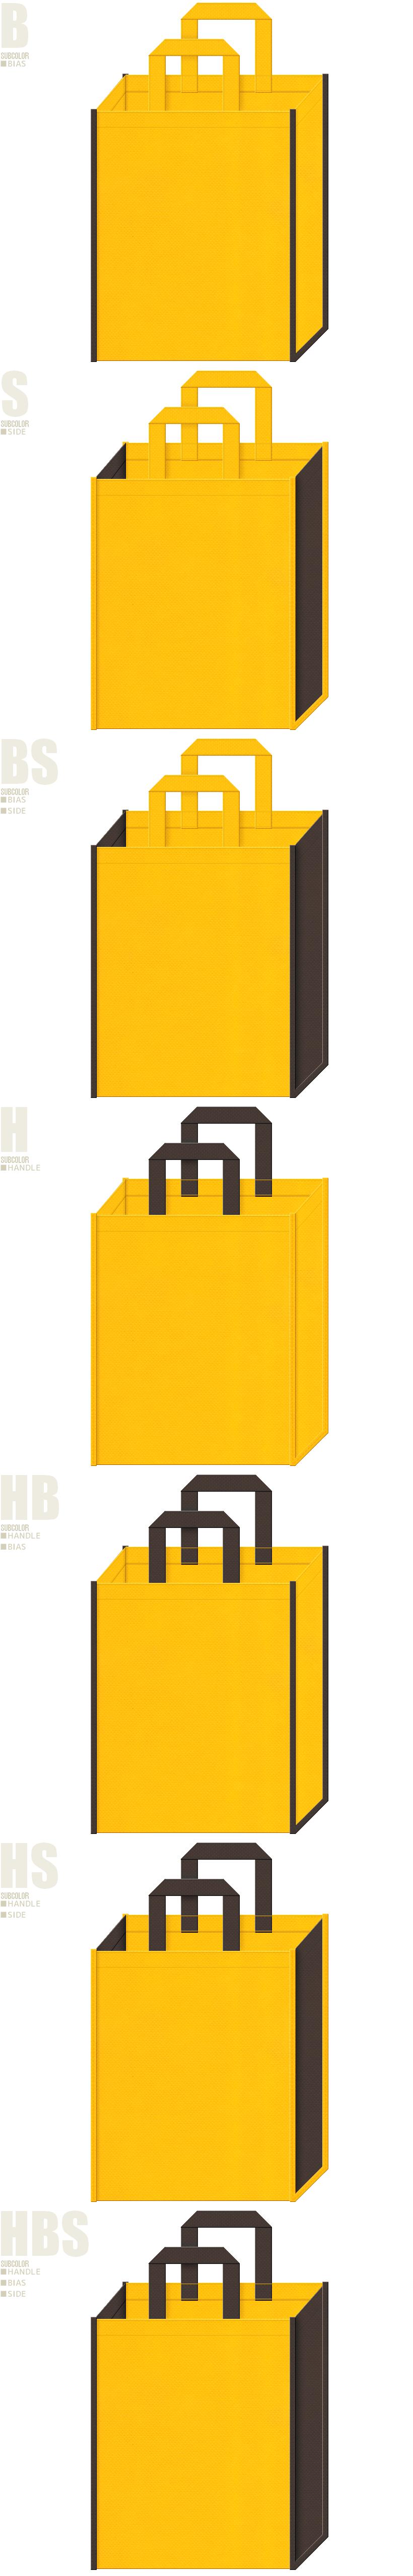 養蜂場・はちみつ・カステラ・栗饅頭・和菓子・マロンケーキ・ひまわり・食用油・バター・マスタード・テーマパーク・エンジンオイル・安全用品・登山・ランタン・バーベキュー・キャンプ・アウトドア用品の展示会用バッグにお奨めの不織布バッグデザイン:黄色とこげ茶色の配色7パターン。